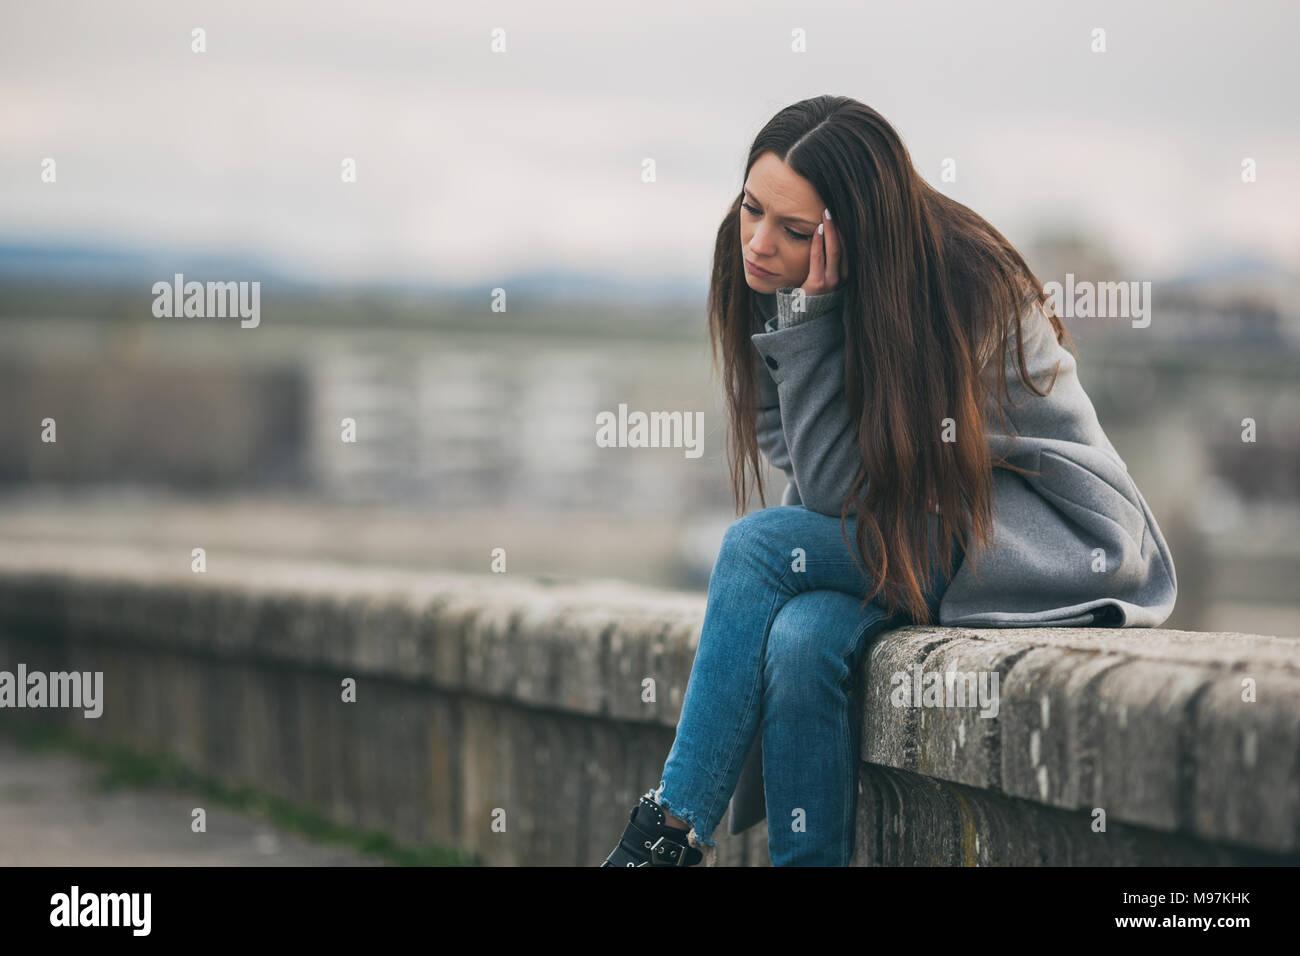 Jeune femme solitaire et déprimé est assis dans le chagrin. Photo Stock